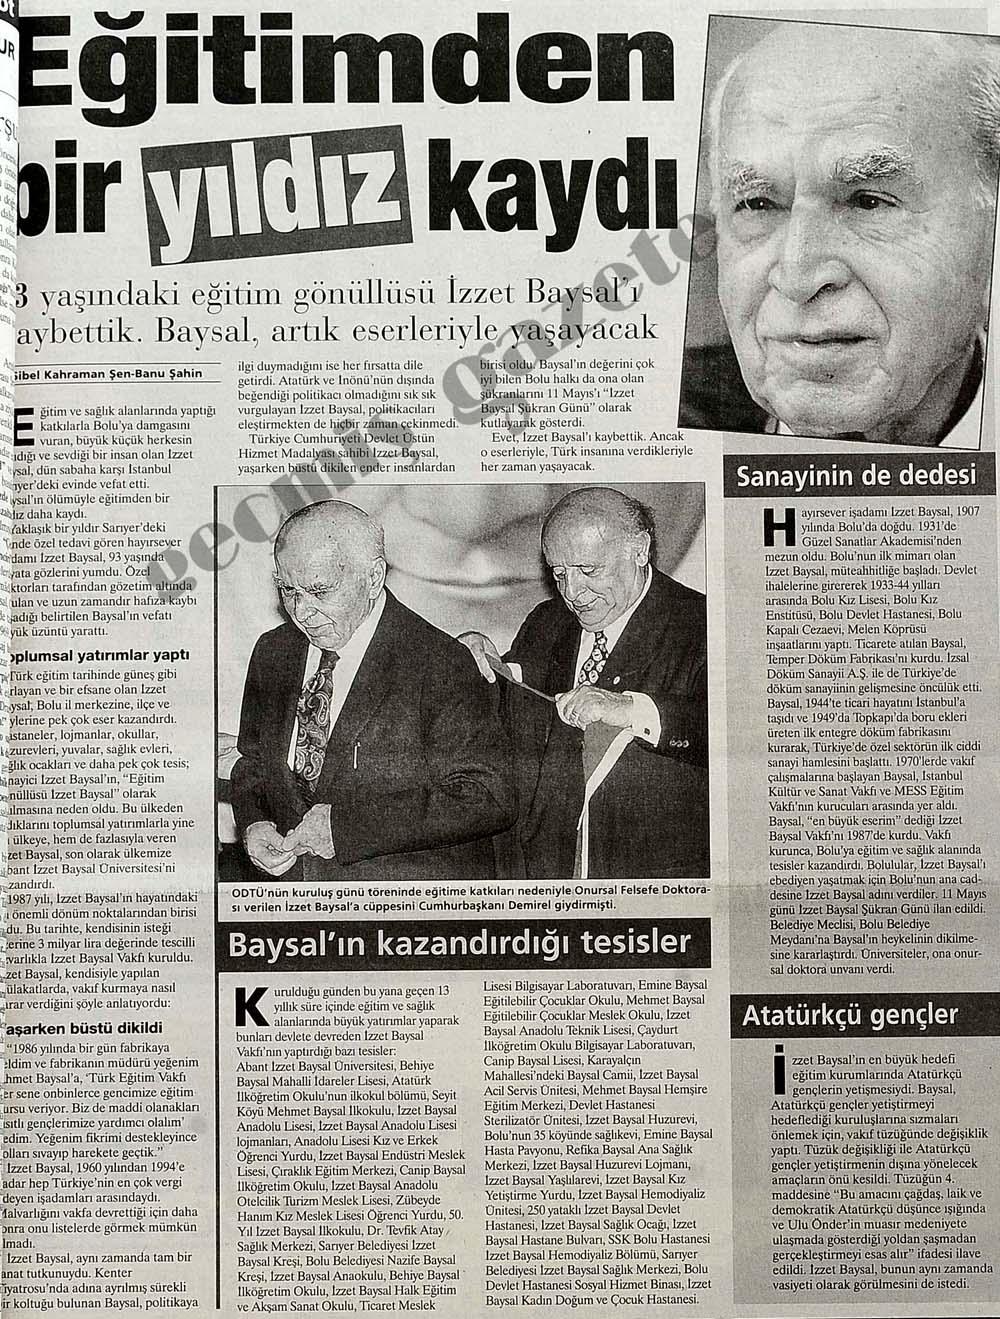 93 yaşındaki eğitim gönüllüsü İzzet Baysal'ı kaybettik